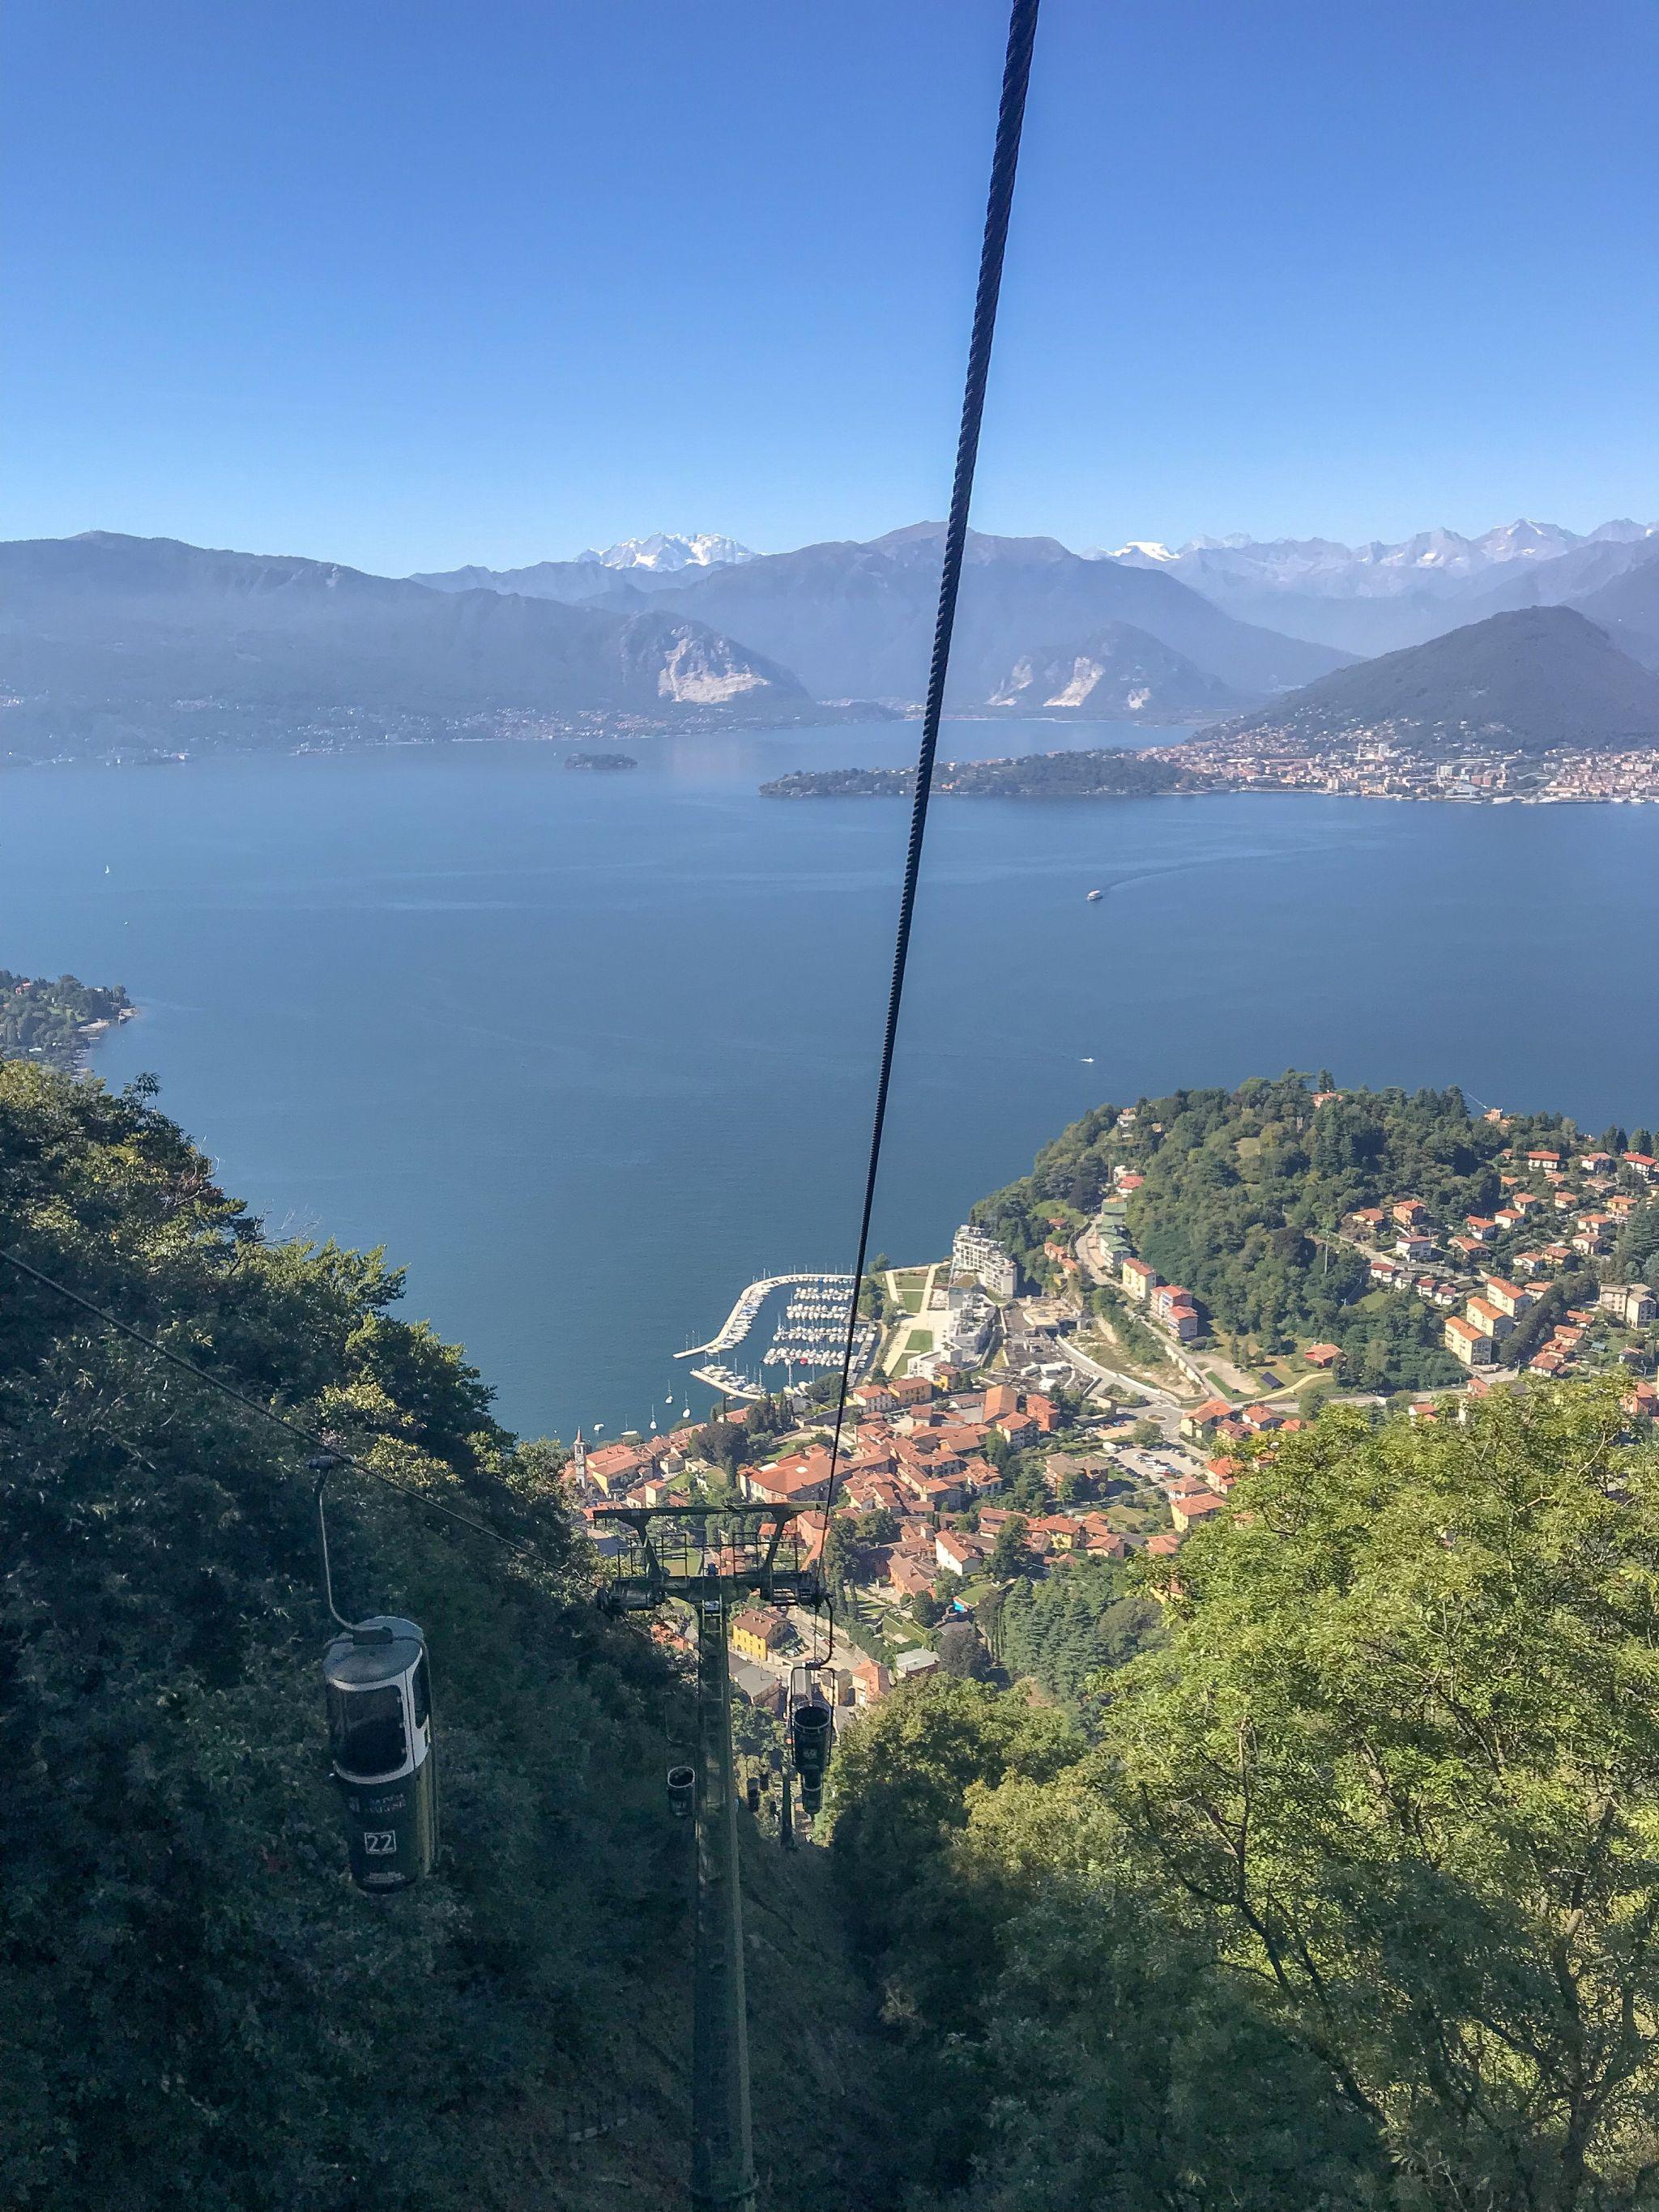 view for miles across Lake Maggiore from Funivie Del Lago Maggiore Sasso del Ferro mountain